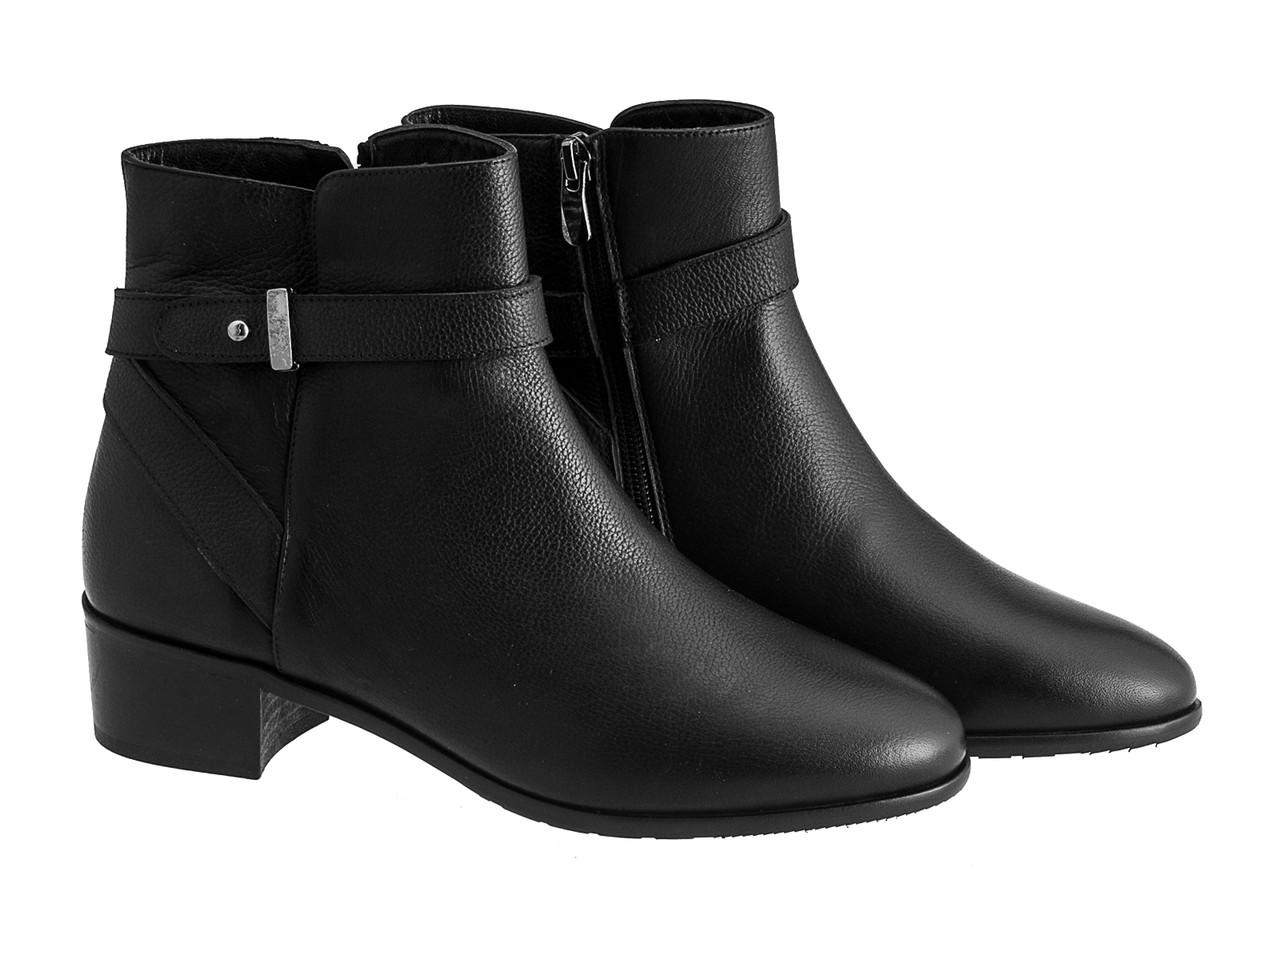 Ботинки Etor 3586-04-3553 черные